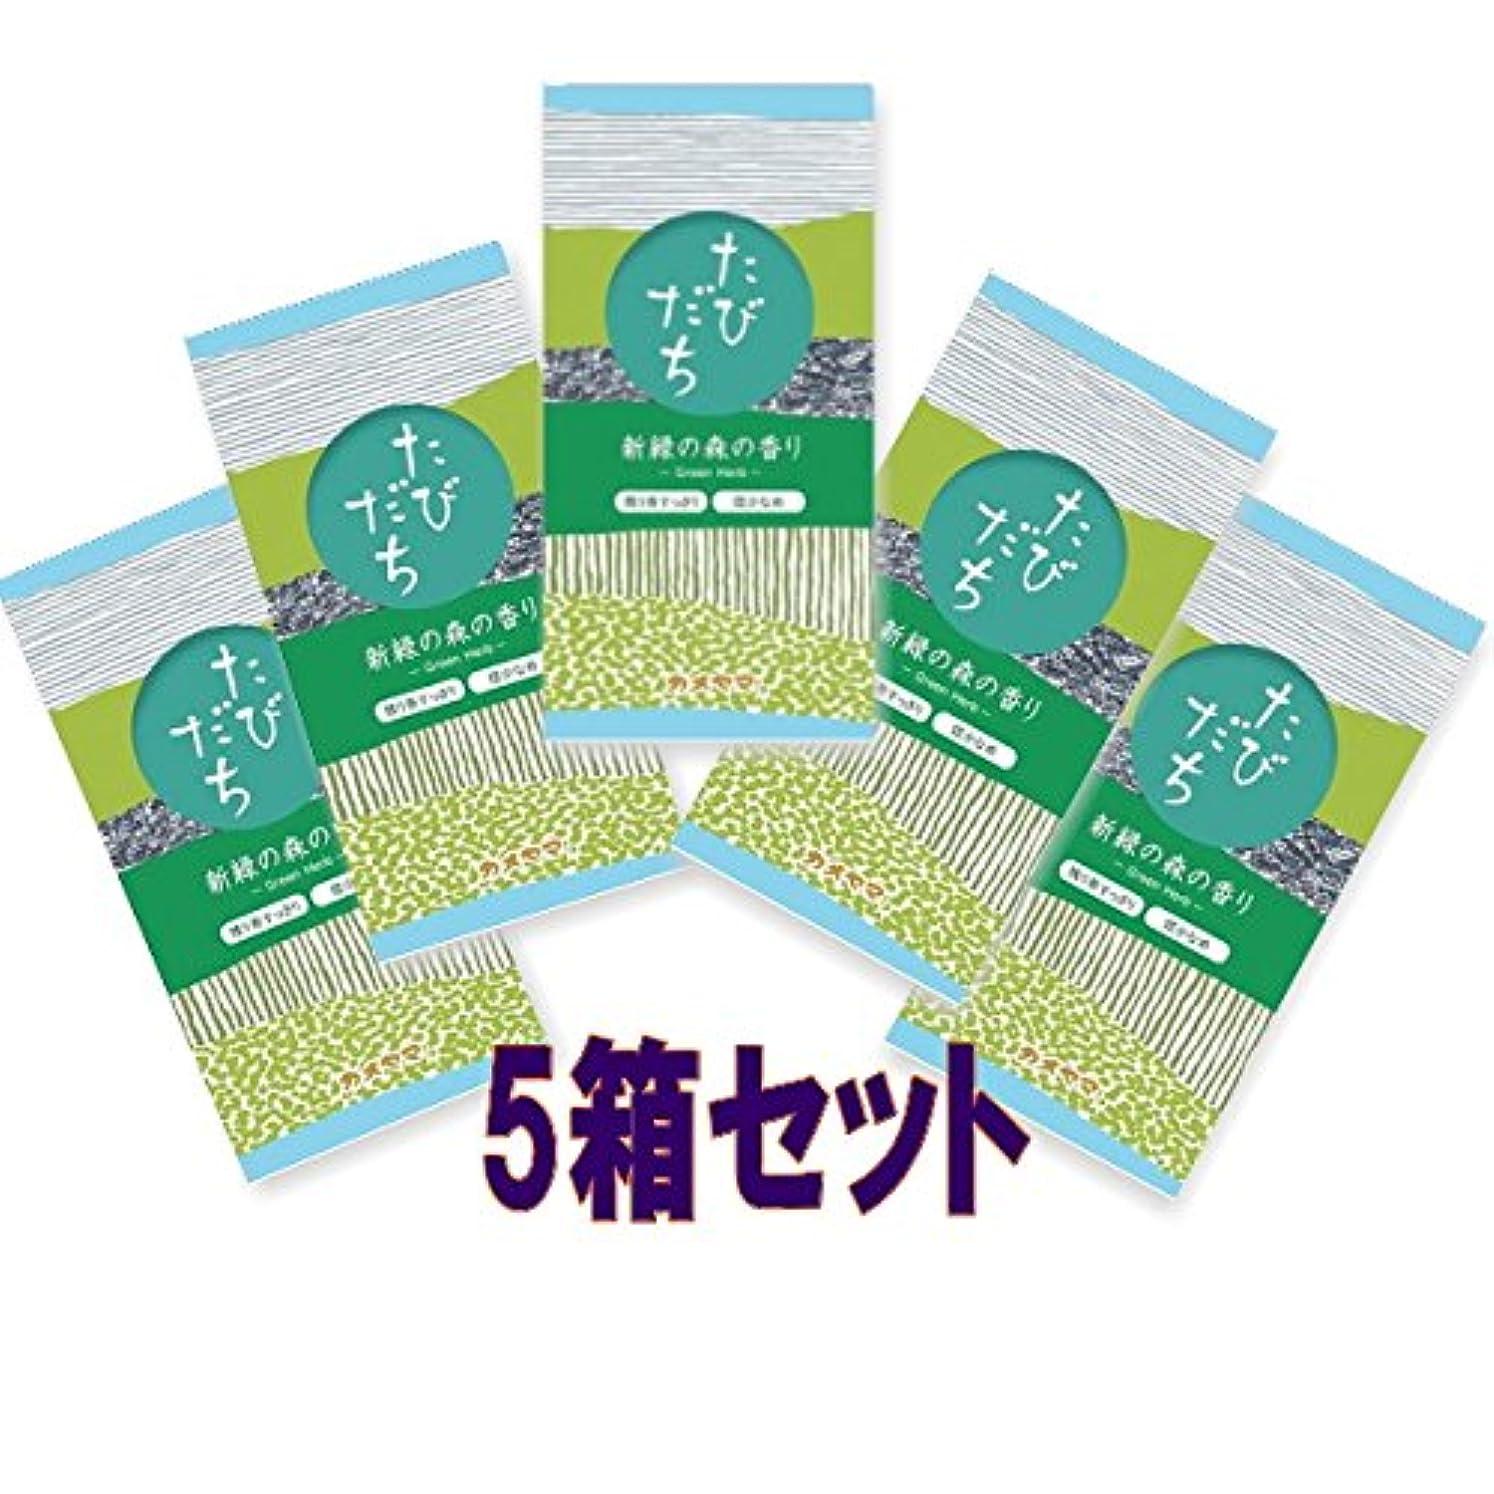 異形緊張ベリーまとめ買 たびだち 新緑の森の香り 5箱セット カメヤマ